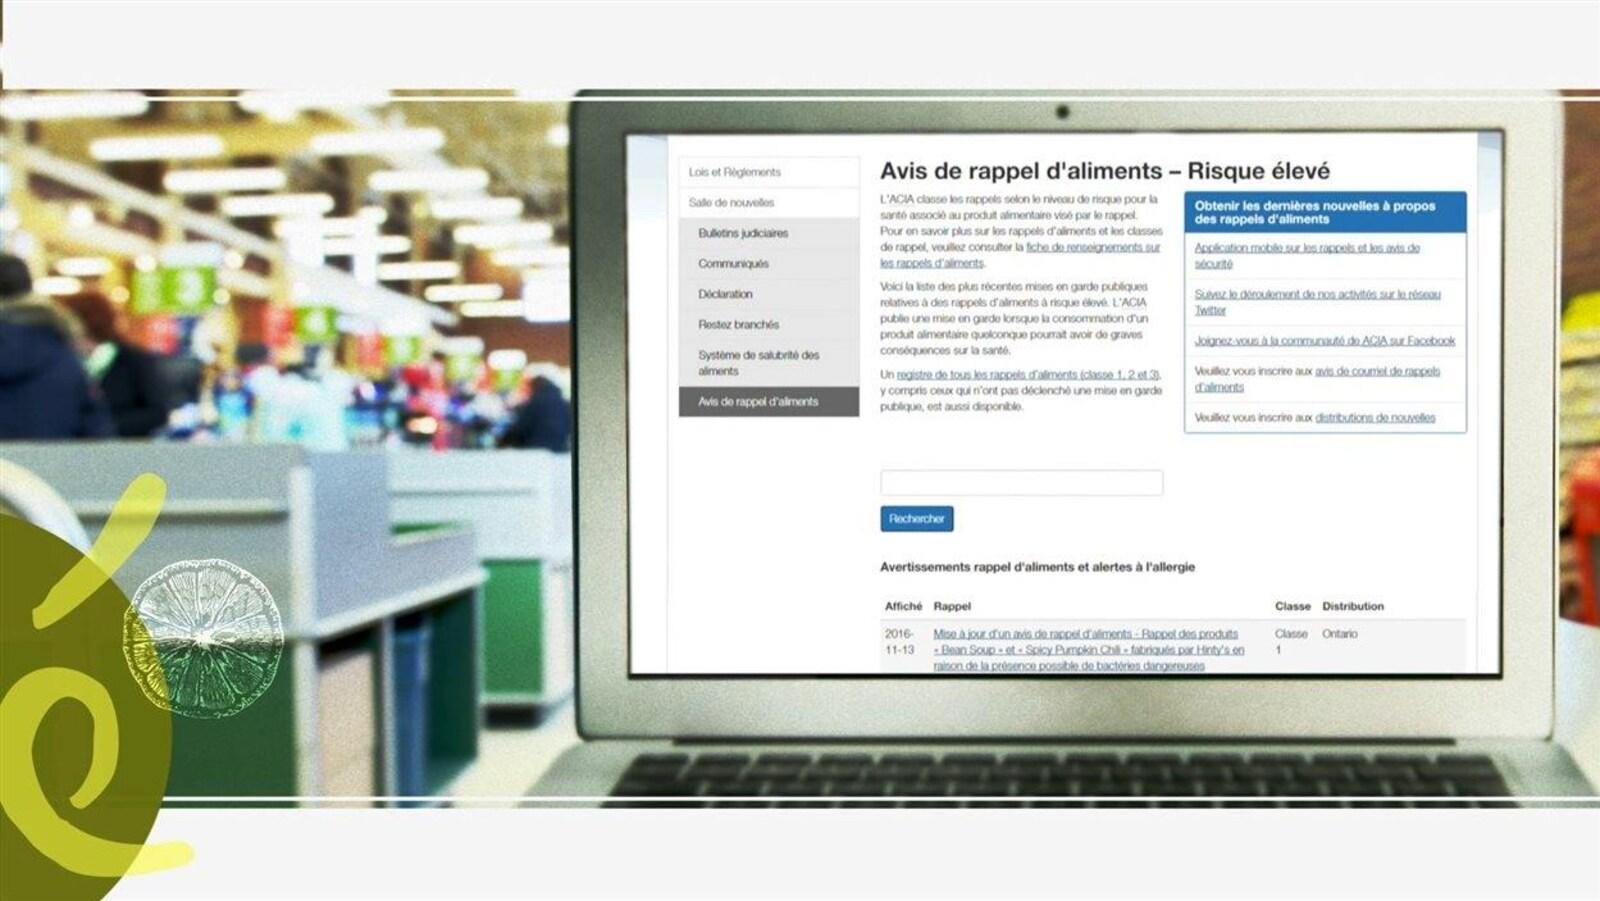 Un écran d'ordinateur dans une épicerie affiche un formulaire portant sur le rappel d'aliments.